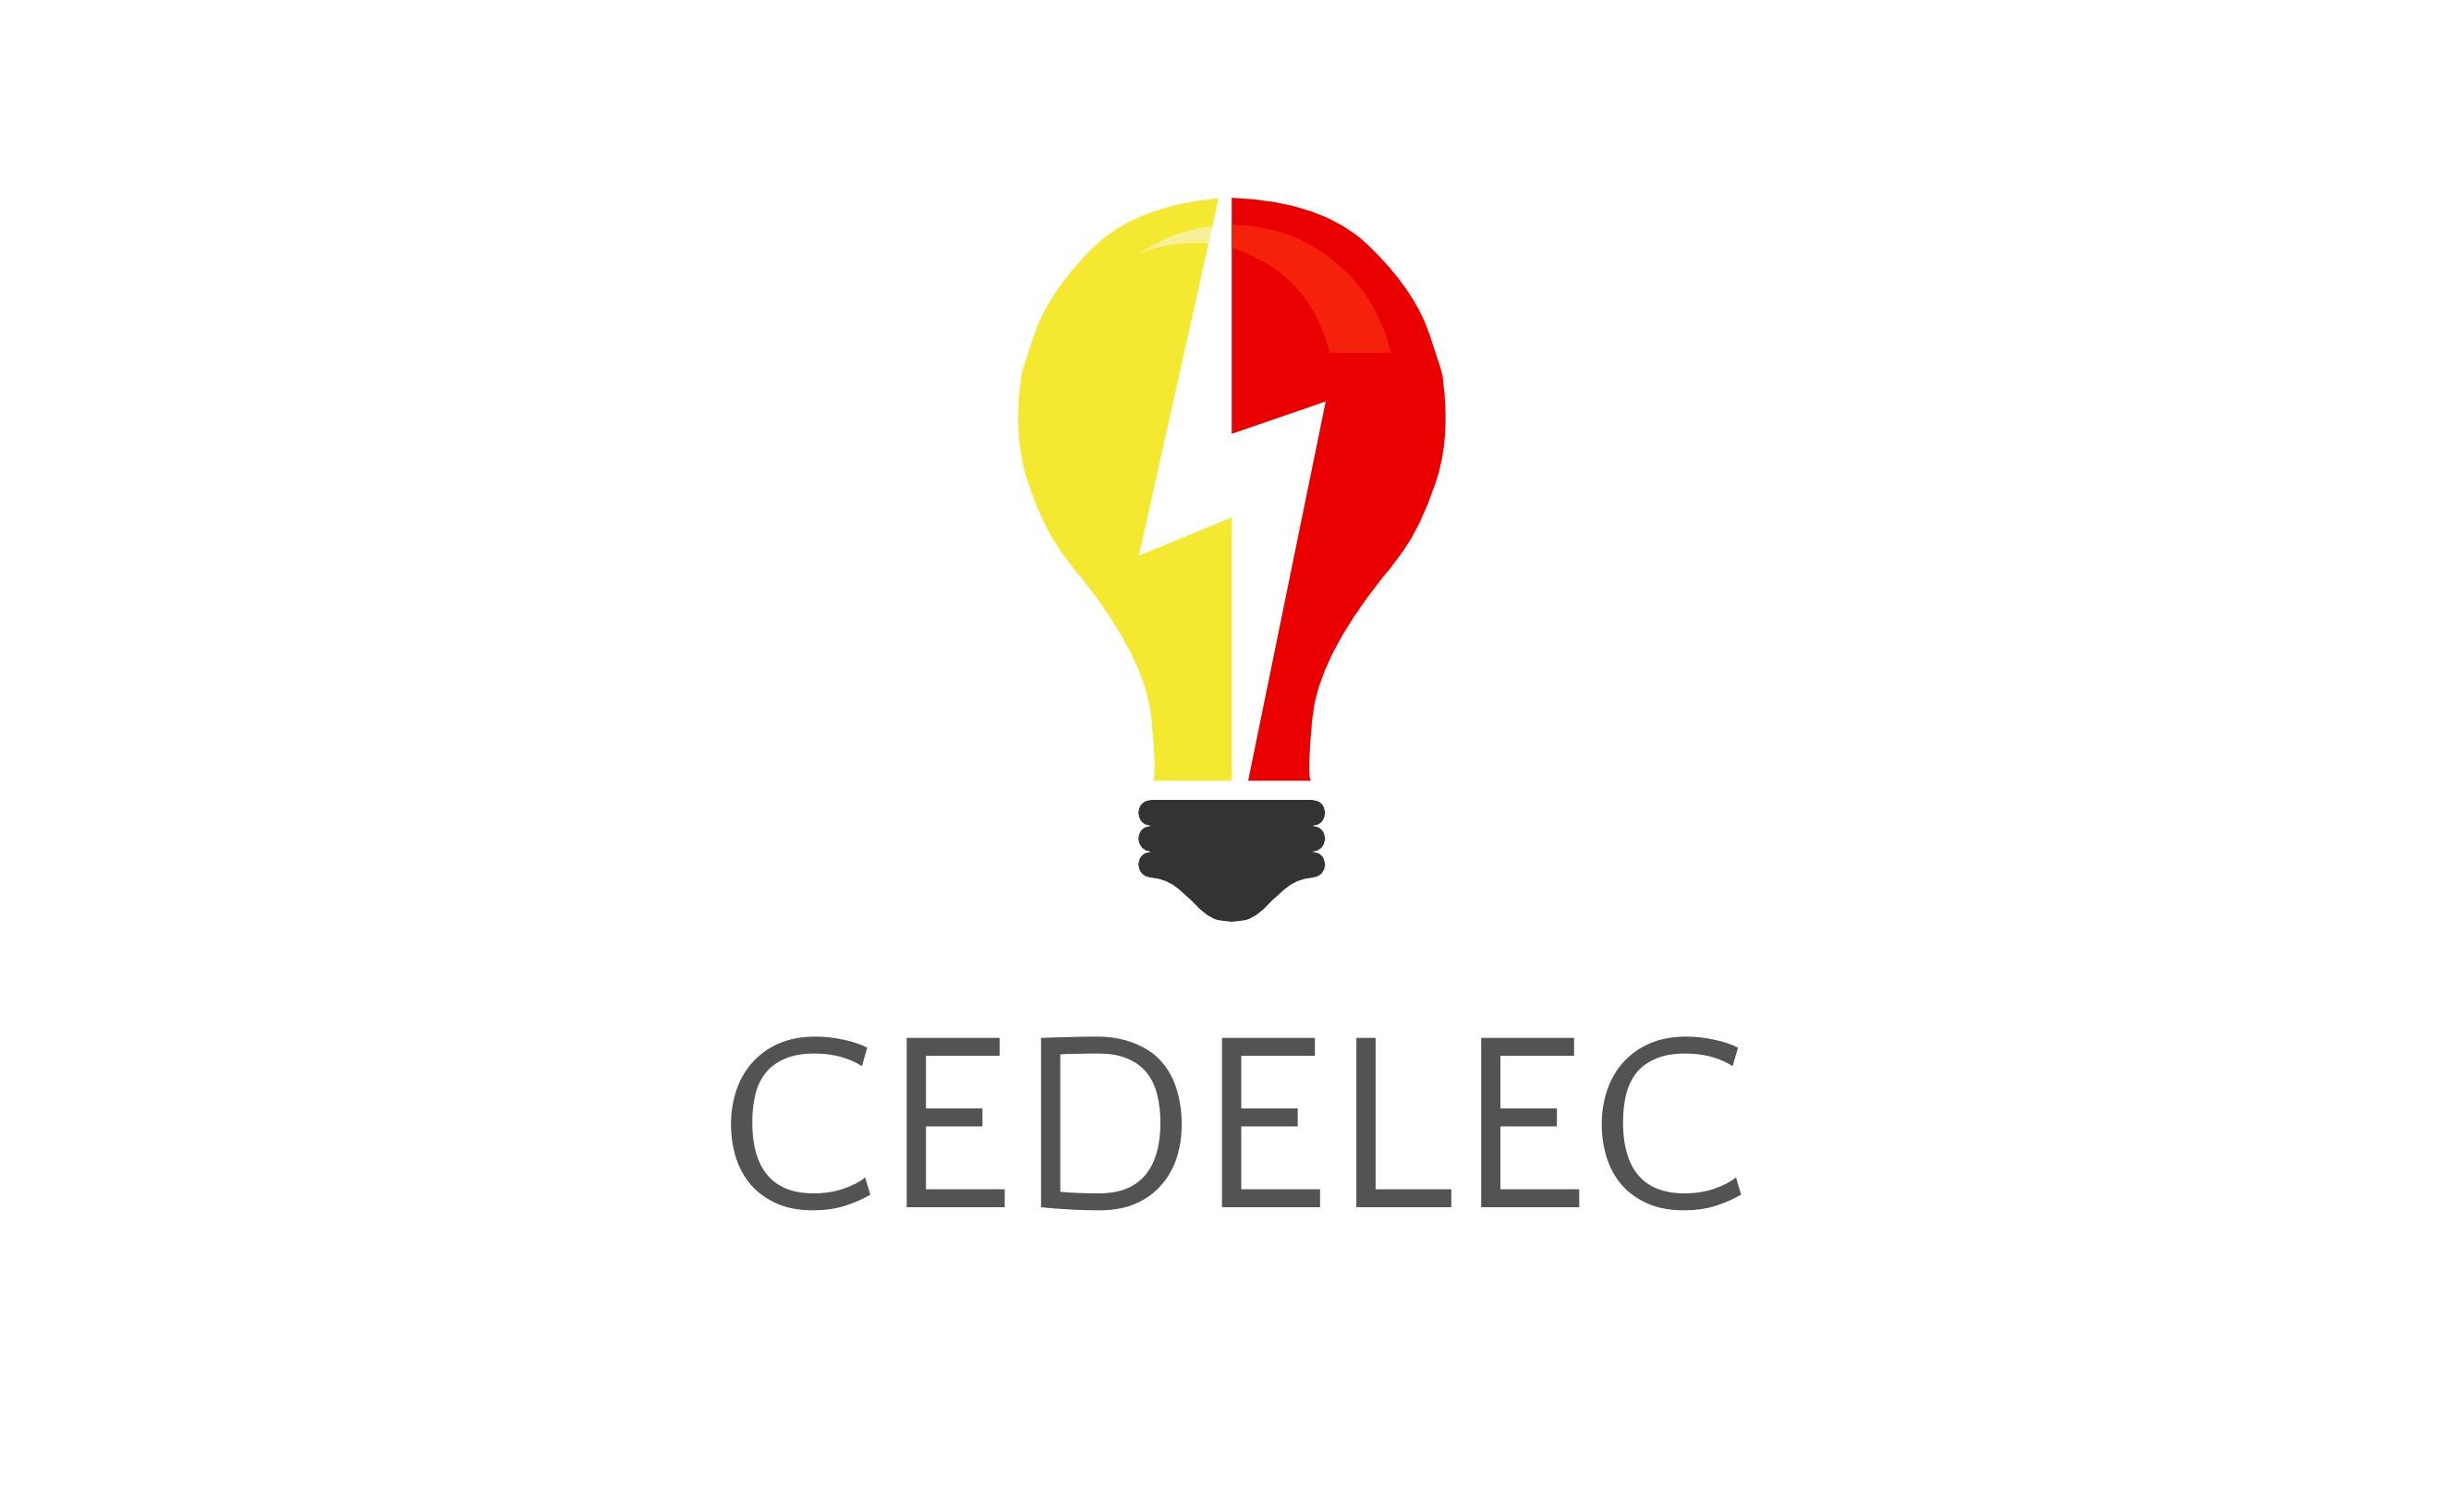 Cedelec